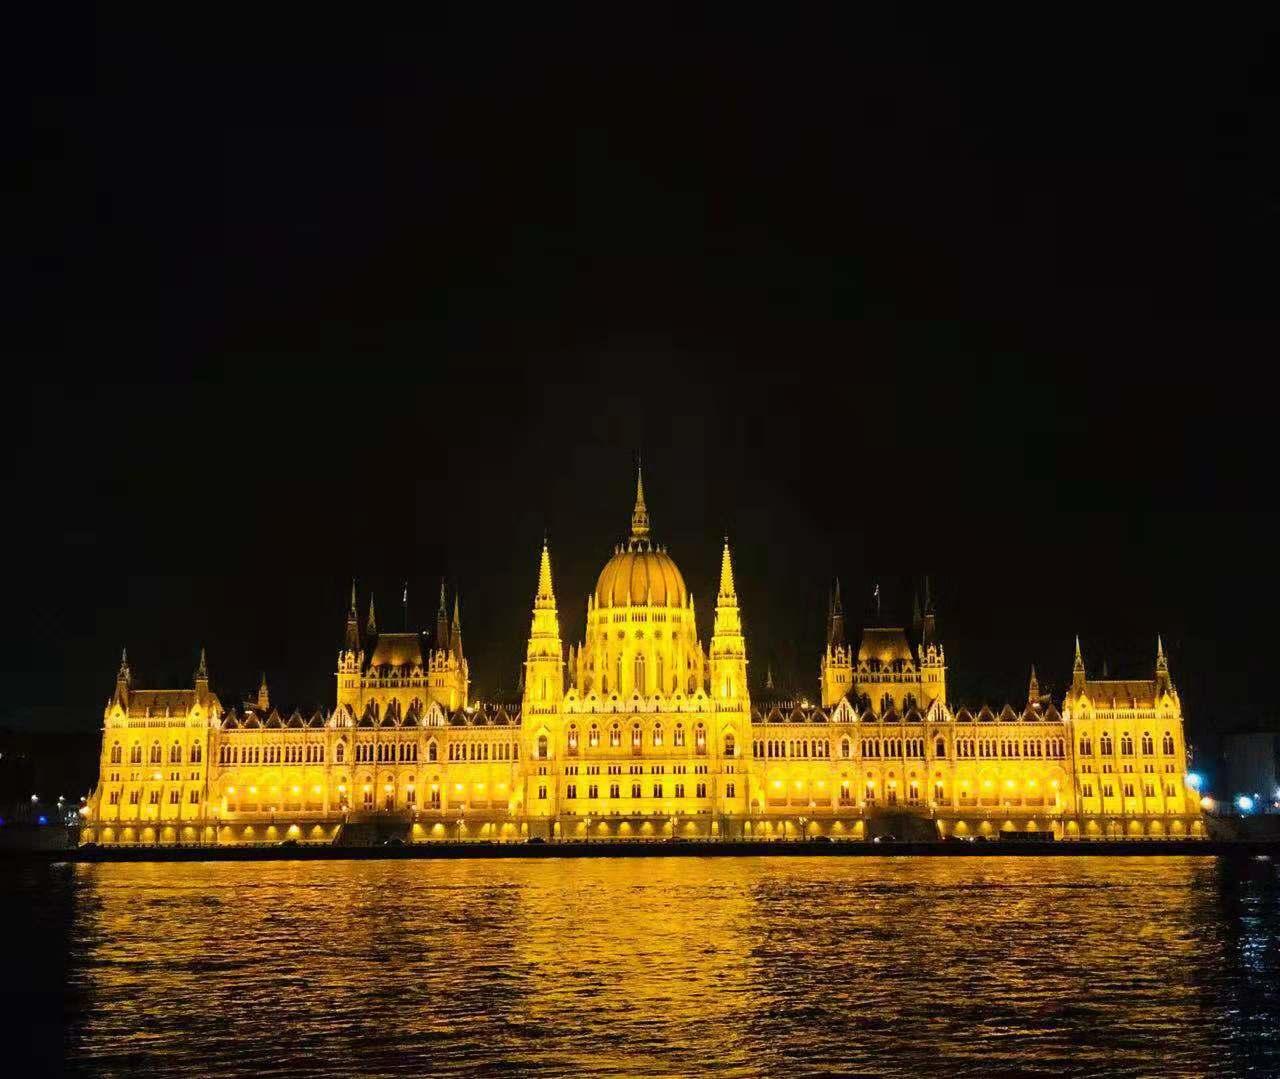 布达佩斯,一味戒不掉的毒药